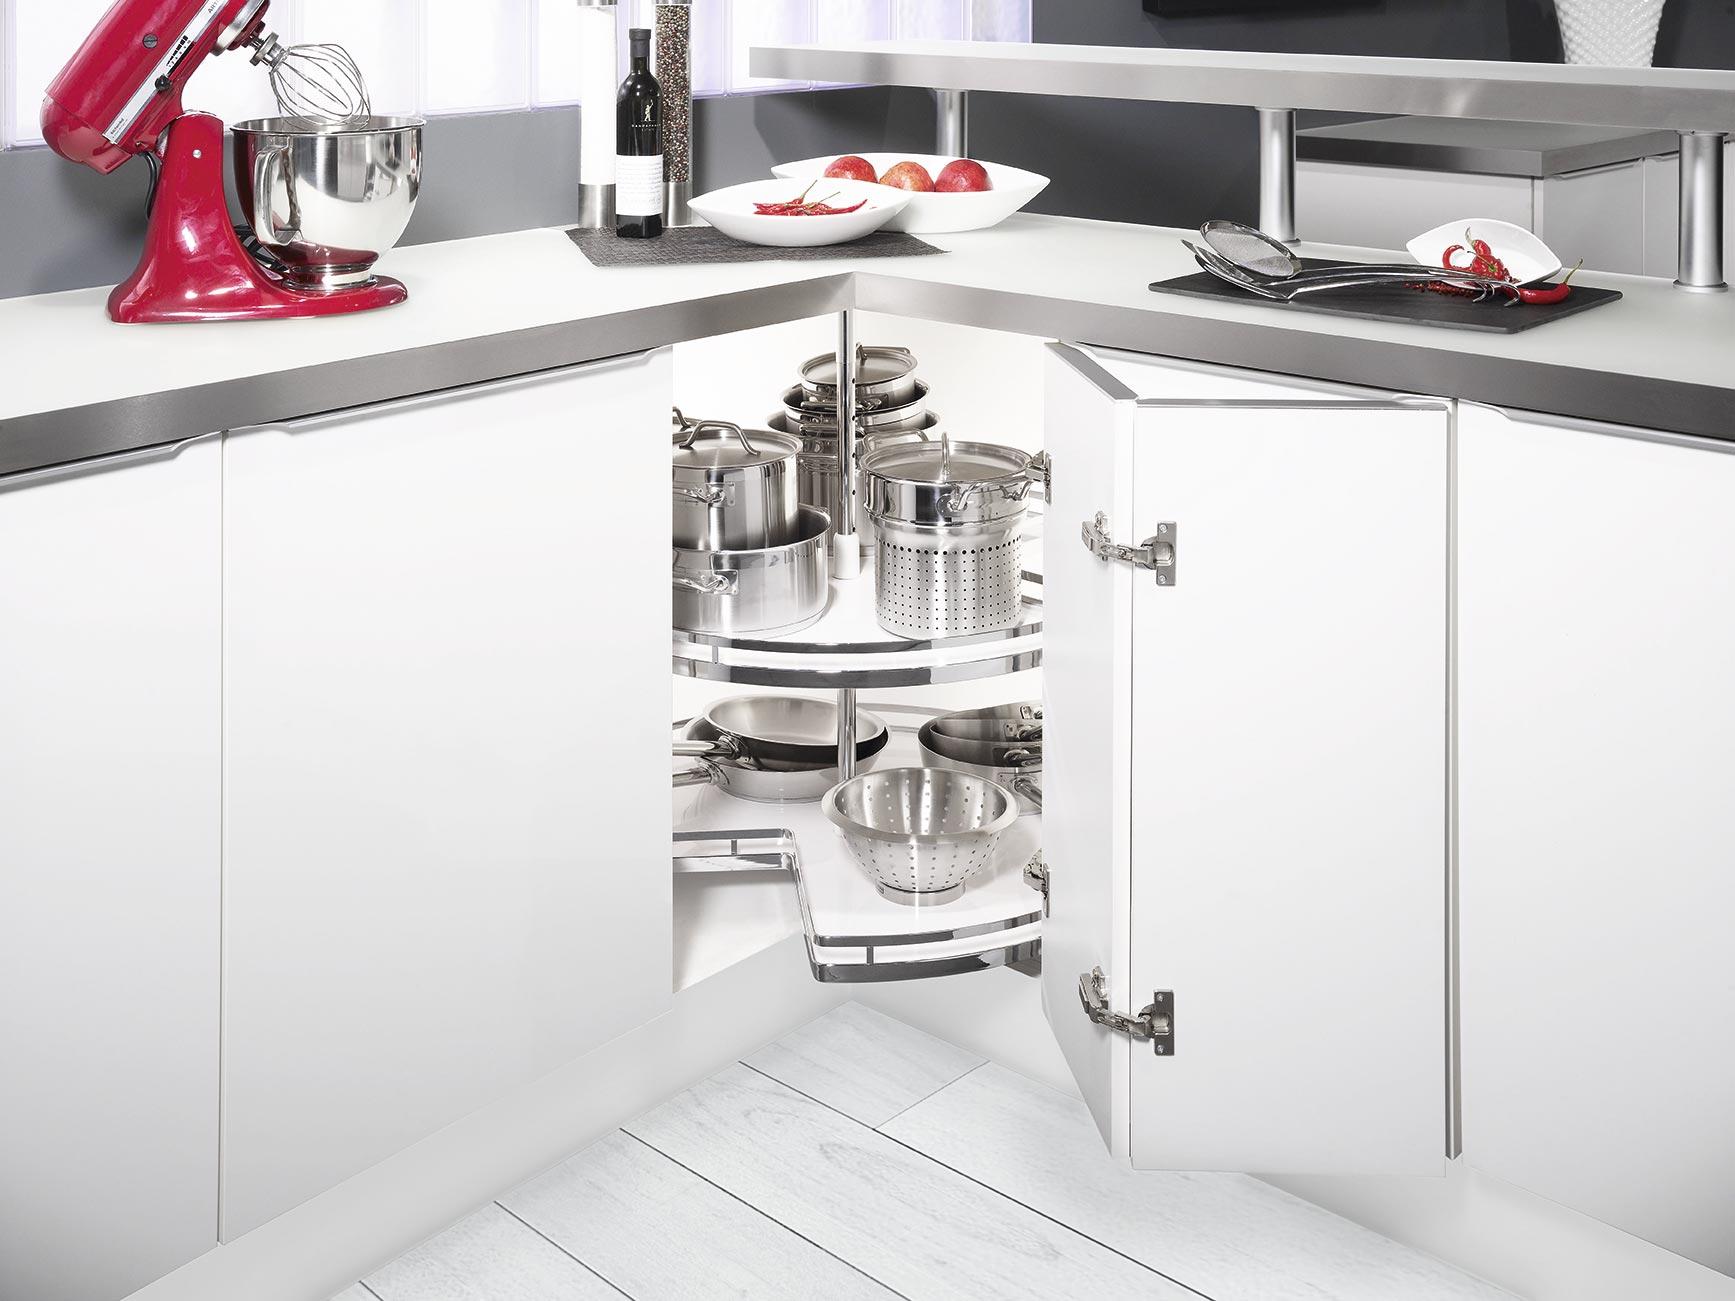 torno giratorio 270 bandejas dinna cocinas decoracion dinna blog cocina herrajes